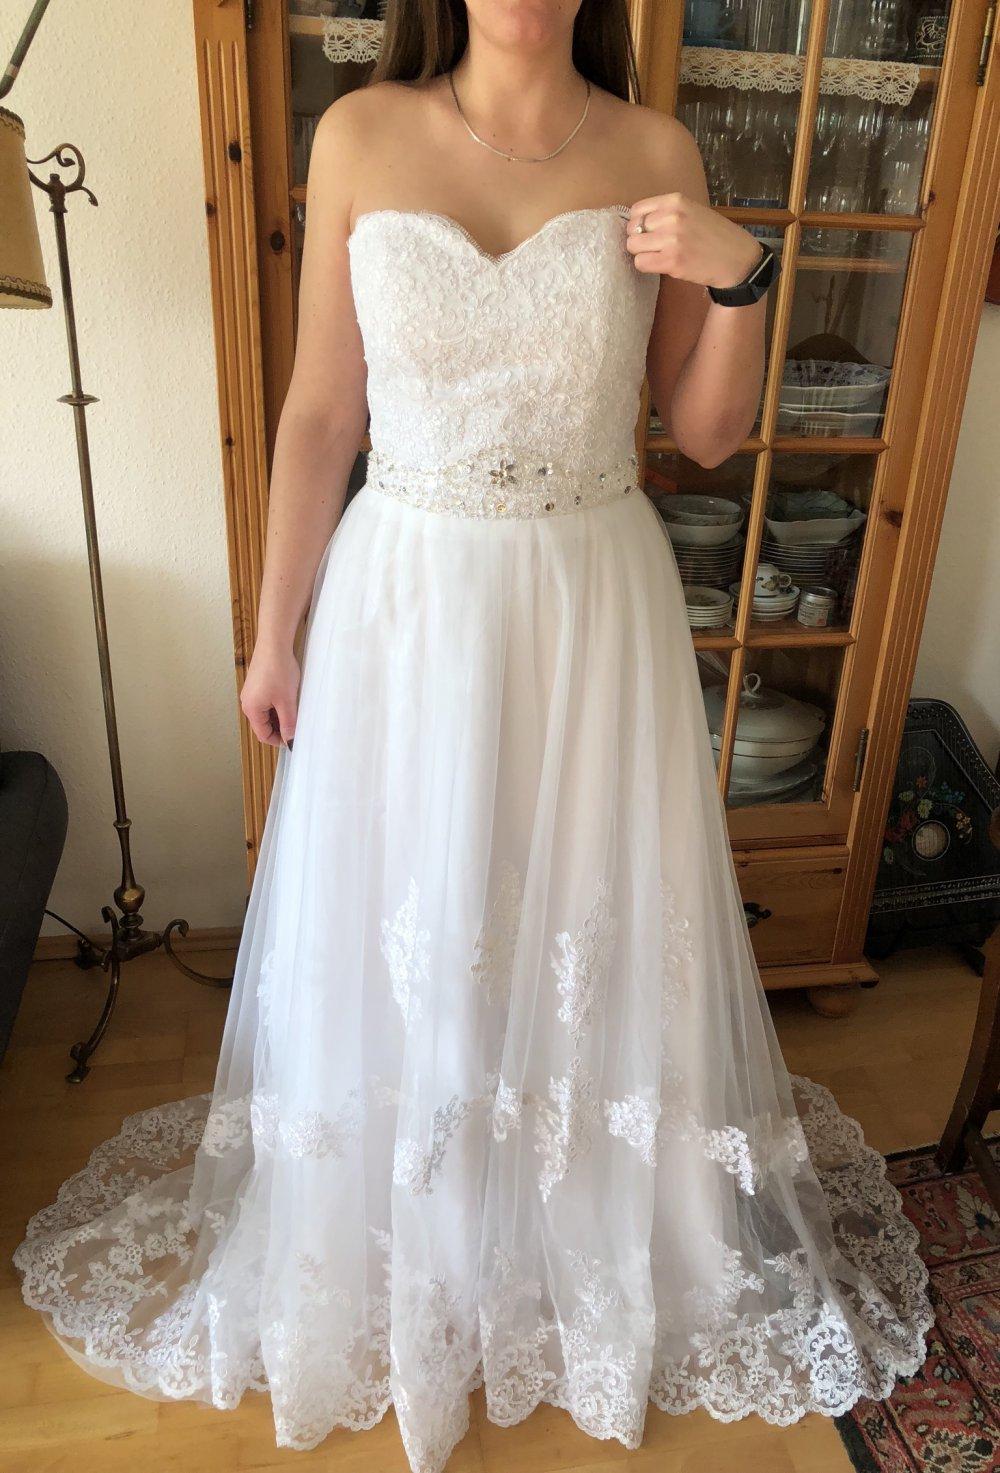 Nett Weiß Und Blau Marine Brautkleider Fotos - Brautkleider Ideen ...